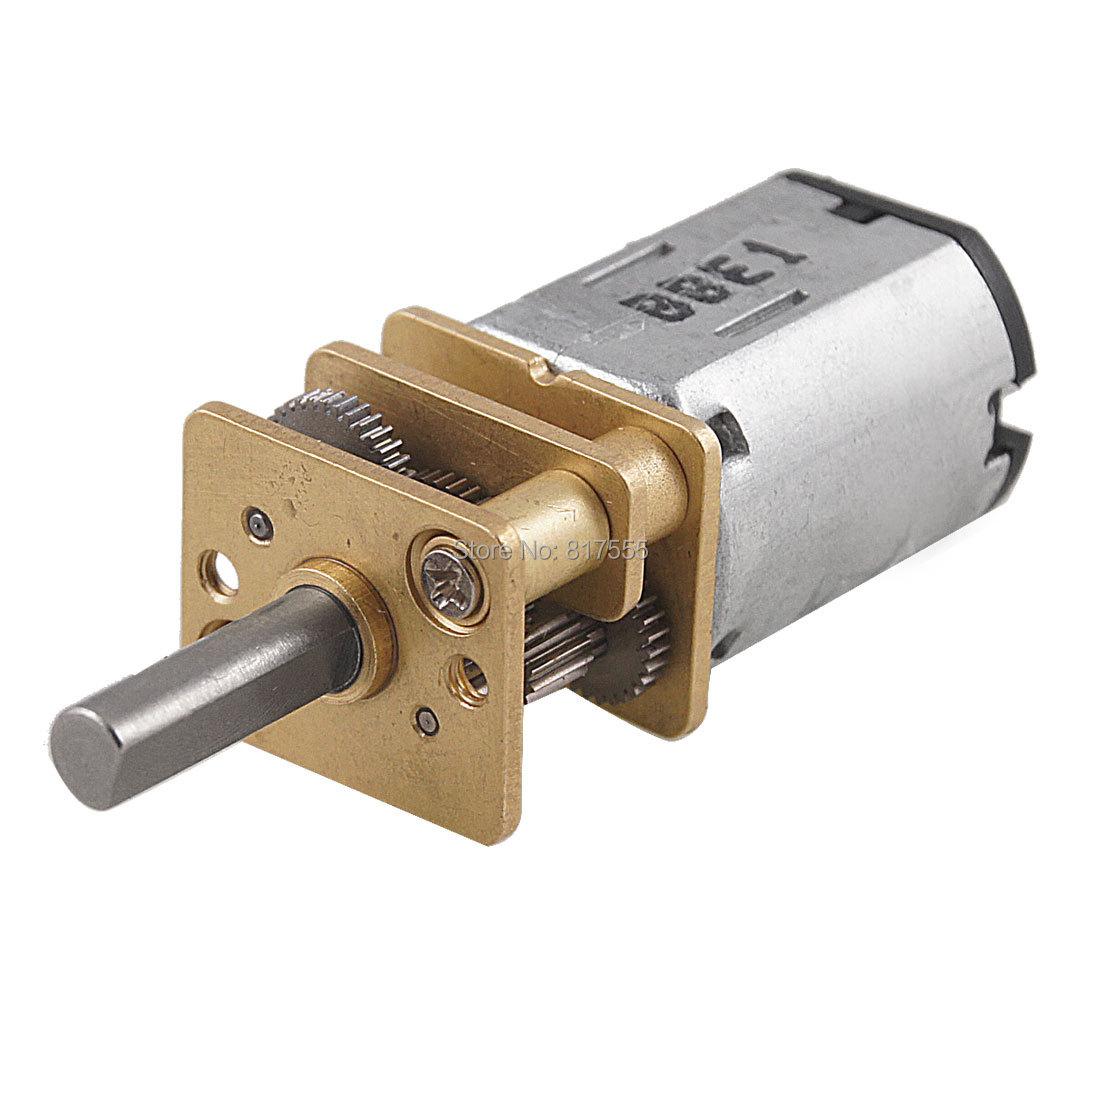 Shaft diameter 3mm 300rpm 6v high torque mini for Dc motor high torque